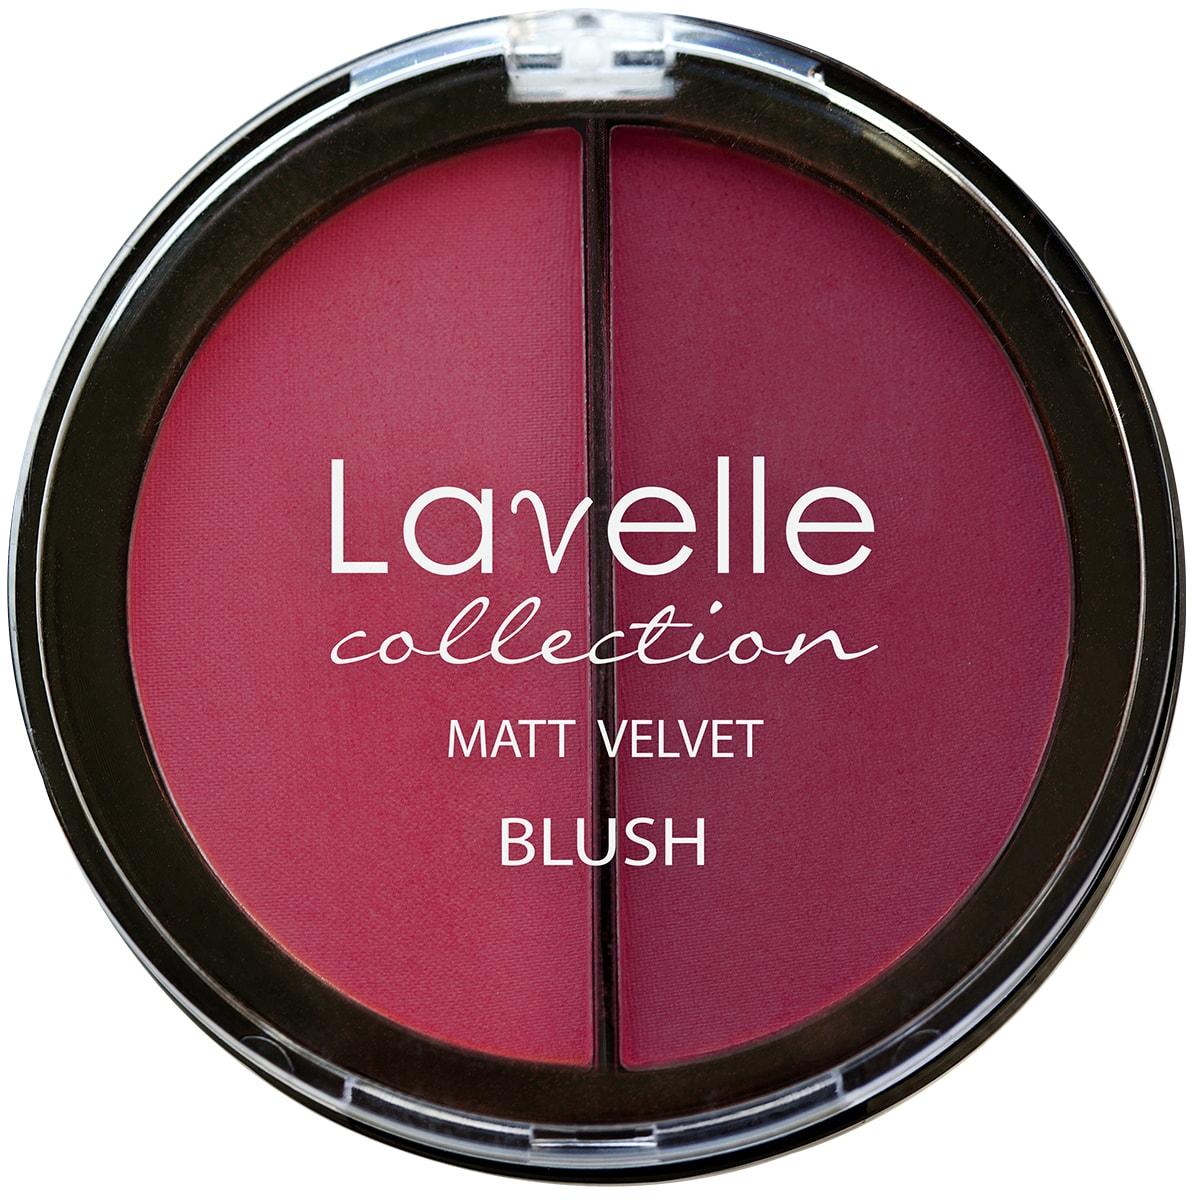 Lavelle Collection румяна для лица BL-09 2-цветные компактные тон 04 ягодный 34,5г